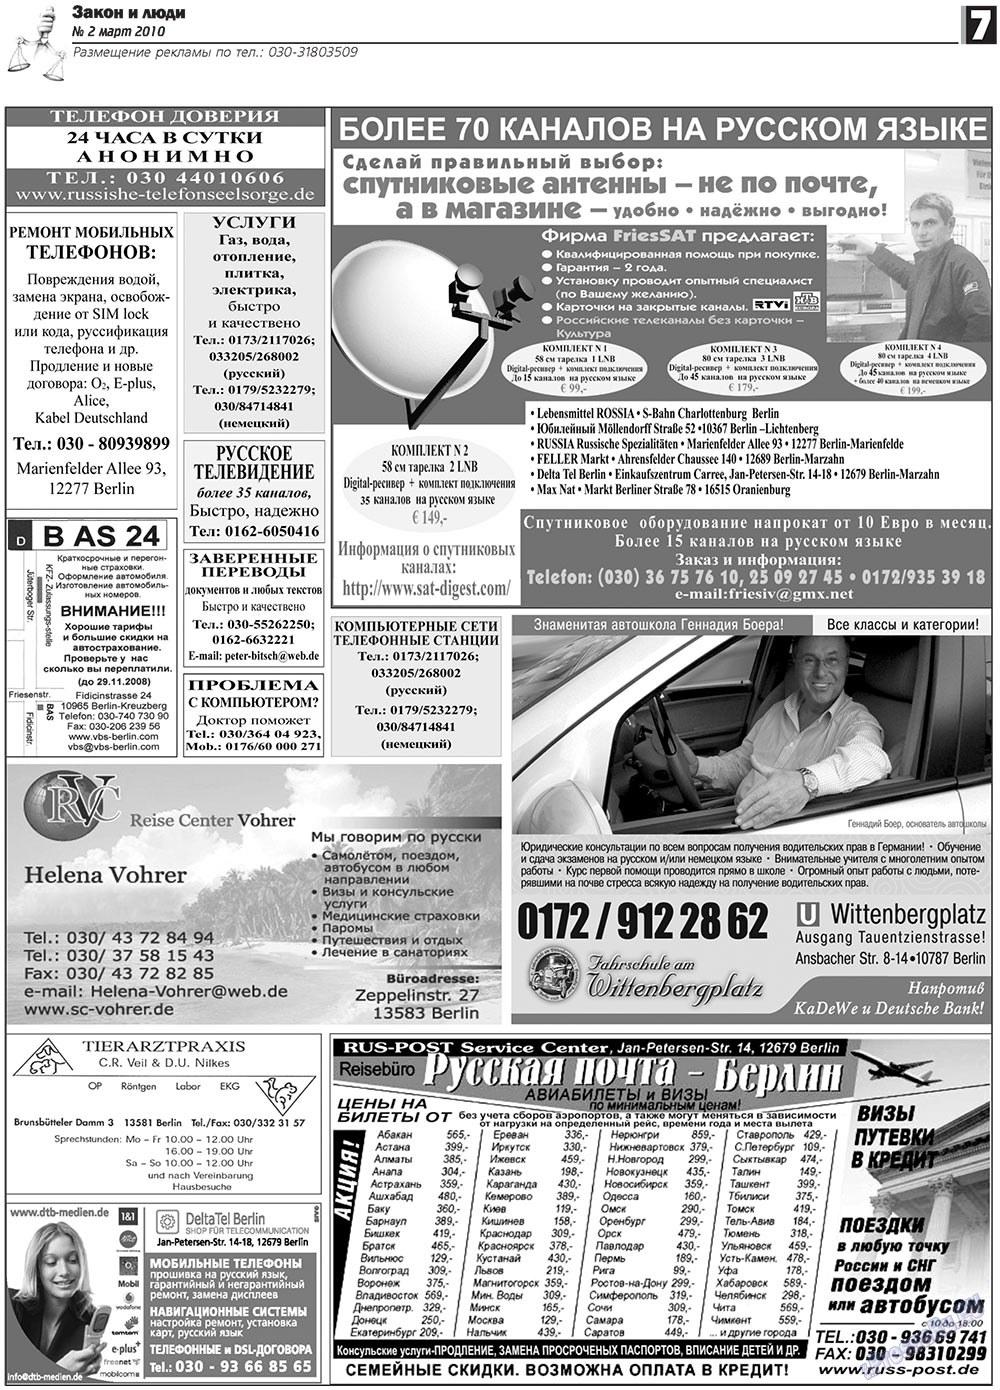 Закон и люди (газета). 2010 год, номер 2, стр. 7